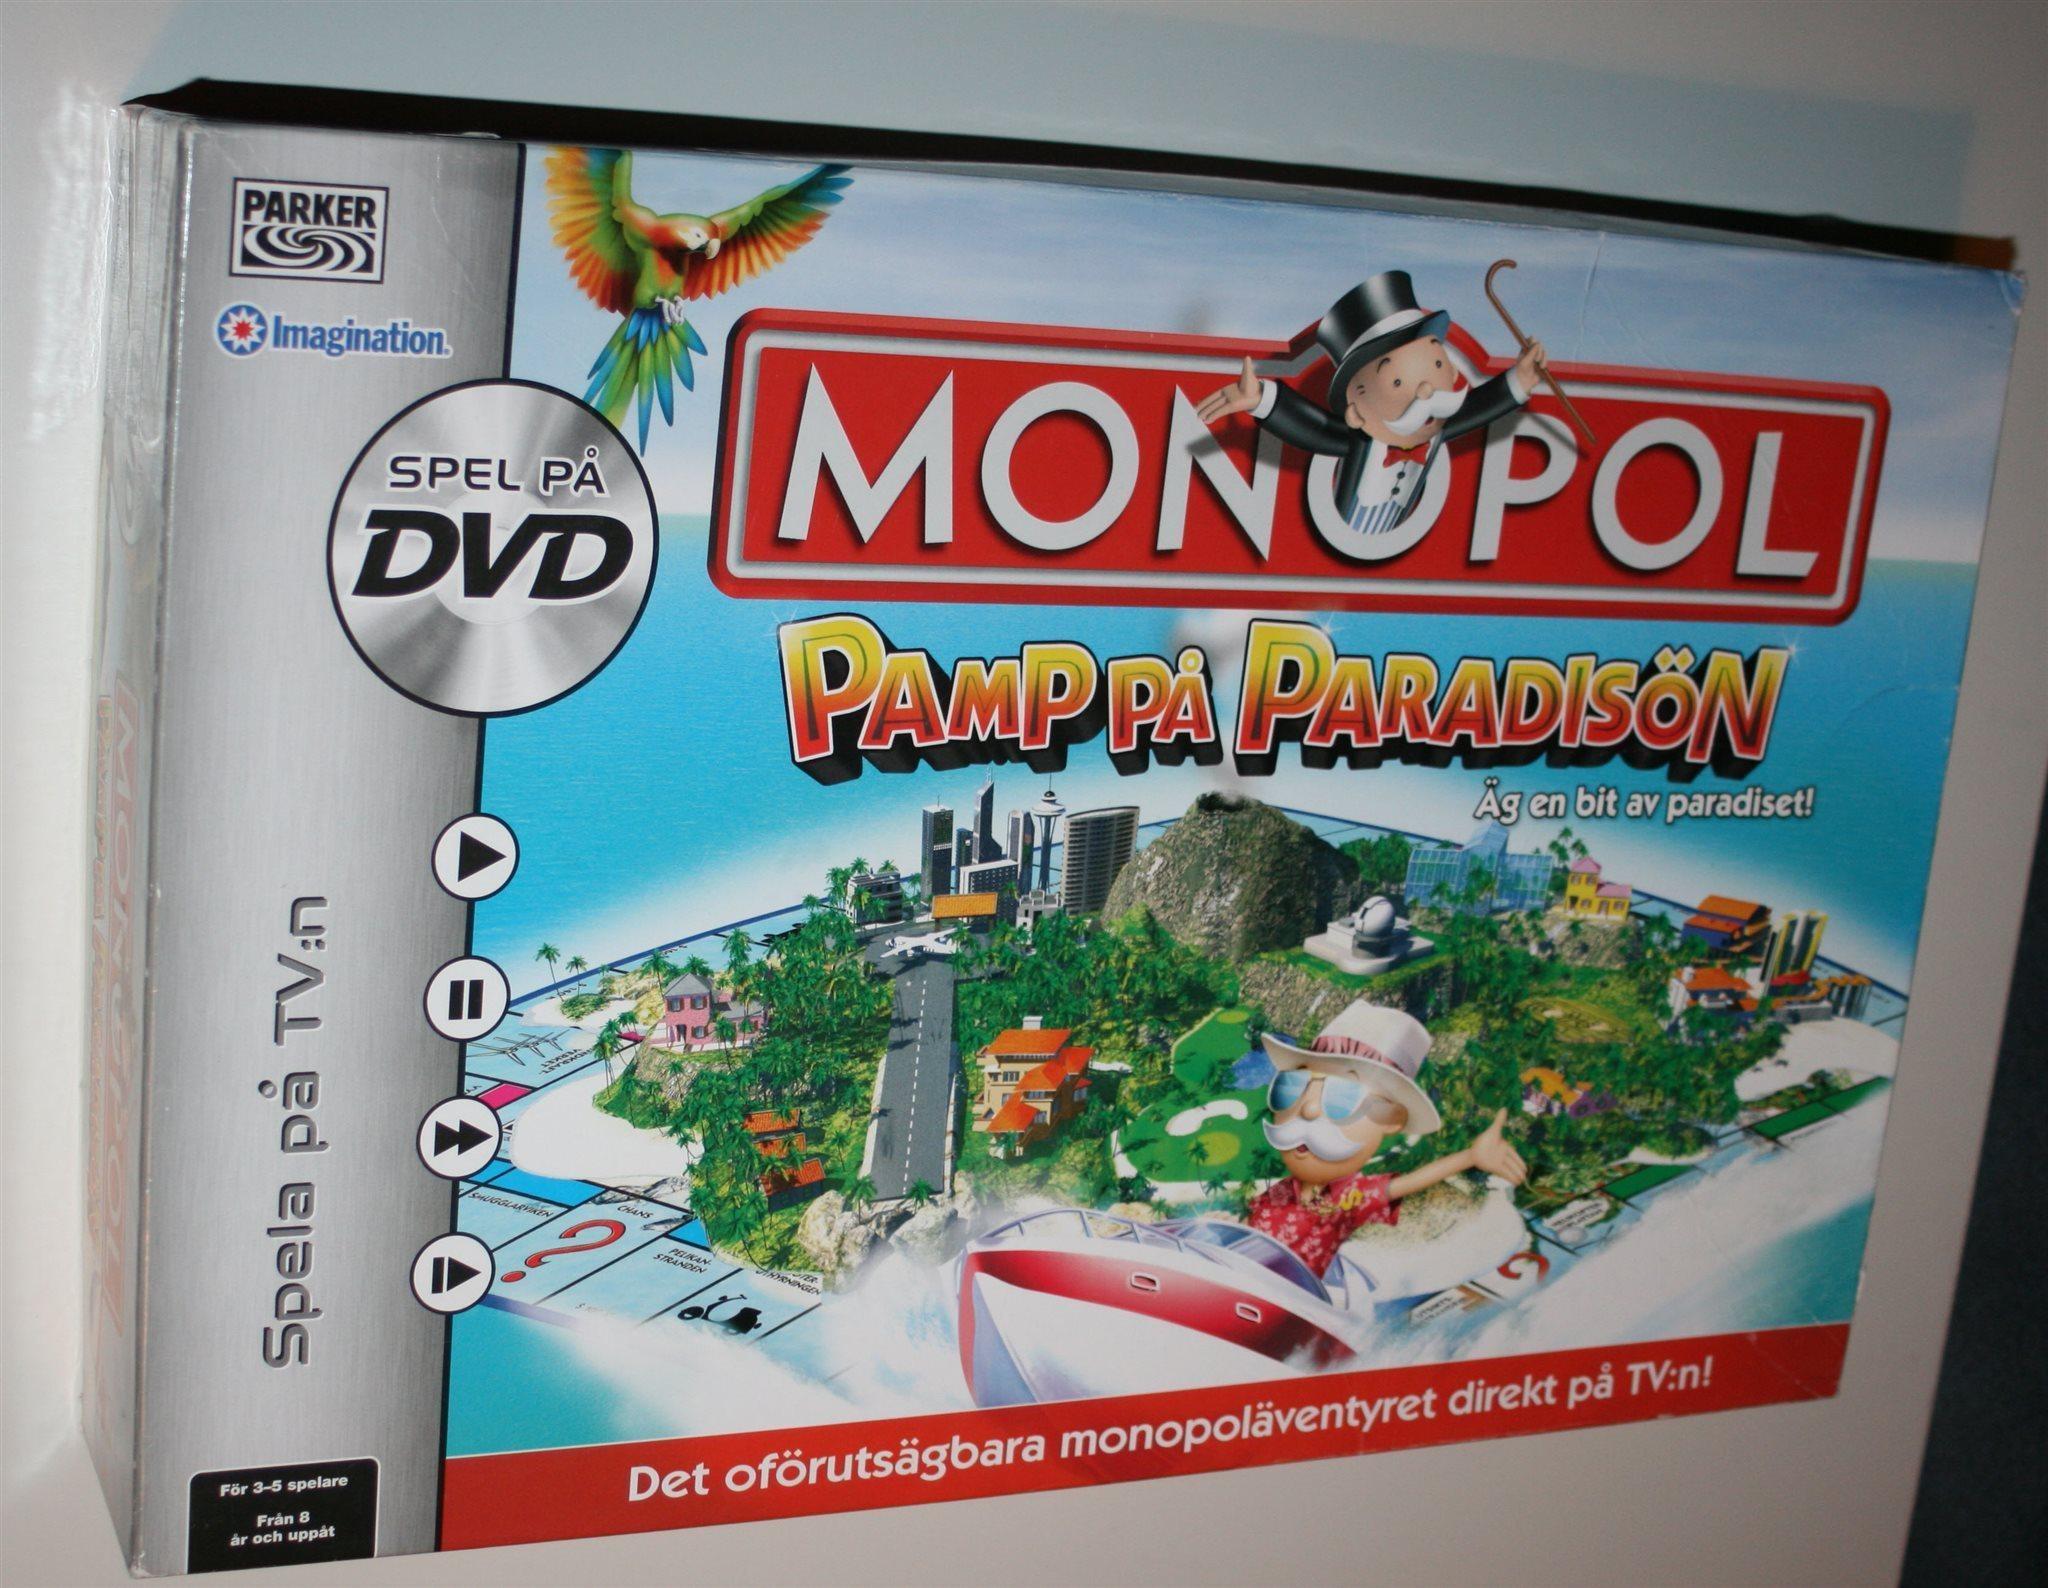 monopol pamp på paradisön